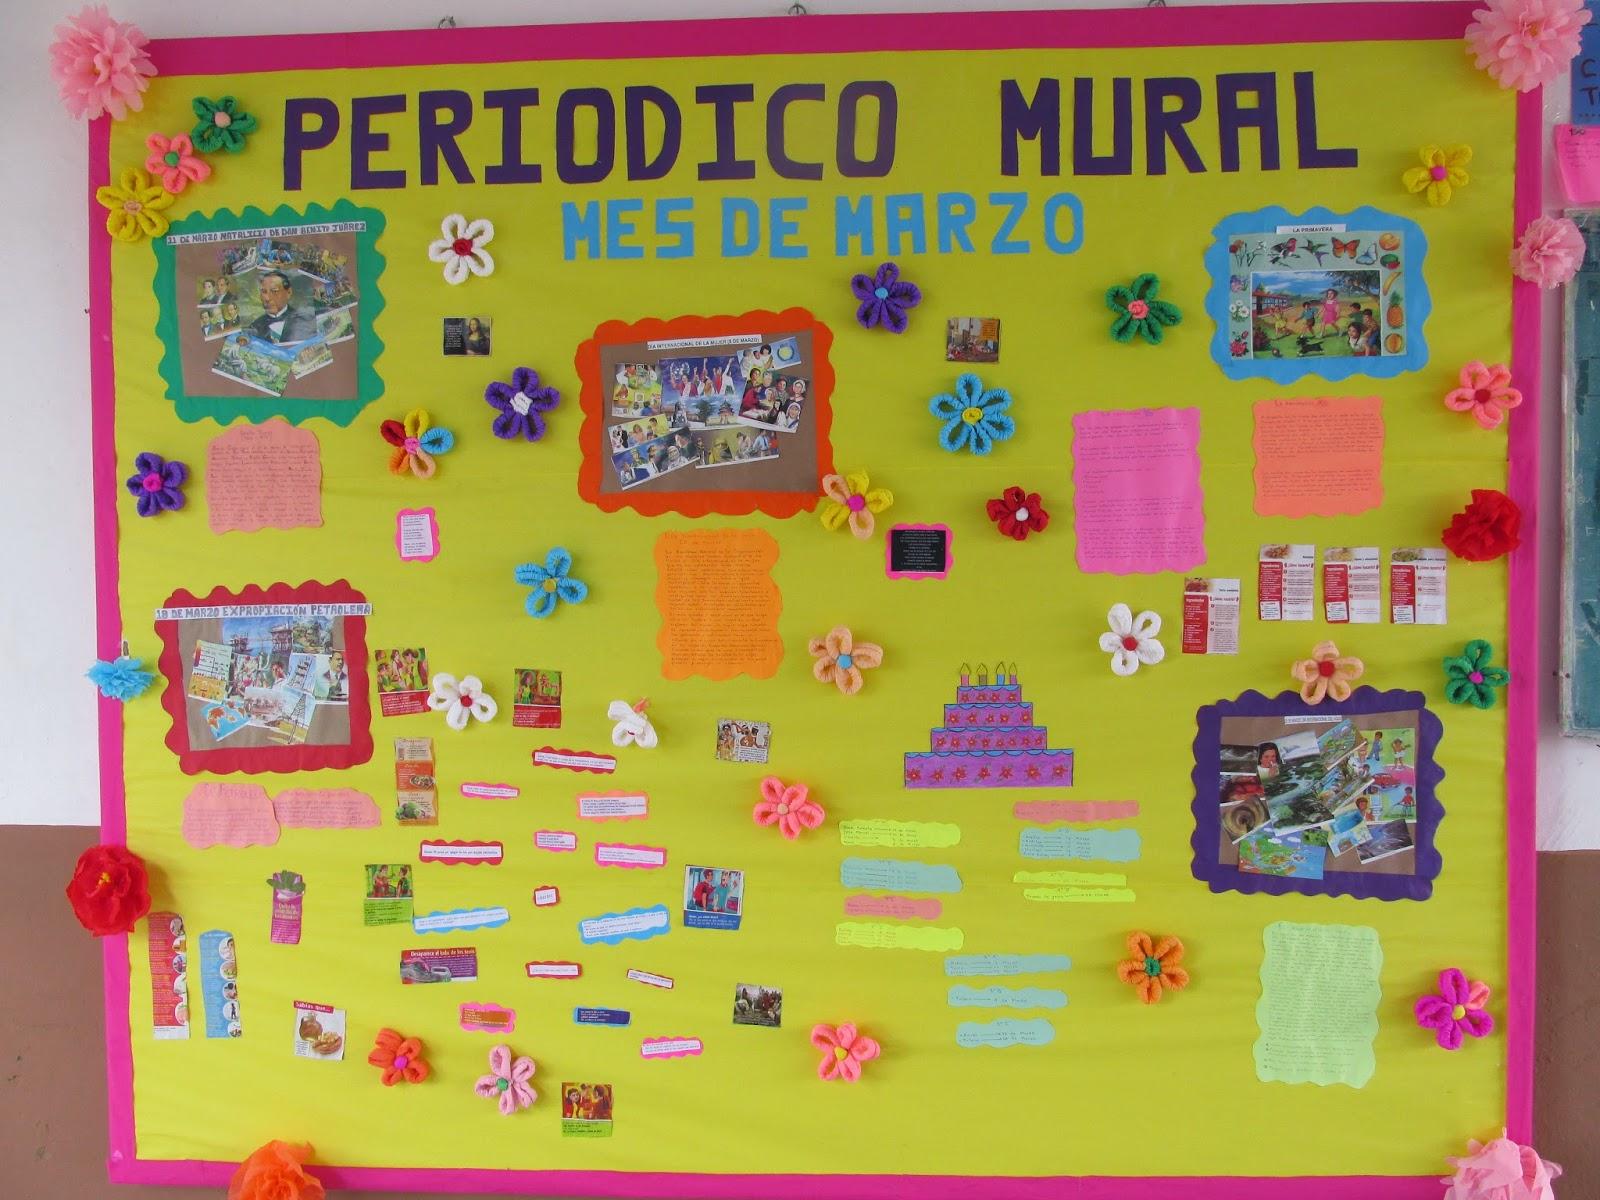 Periódico mural marzo (7) - Imagenes Educativas